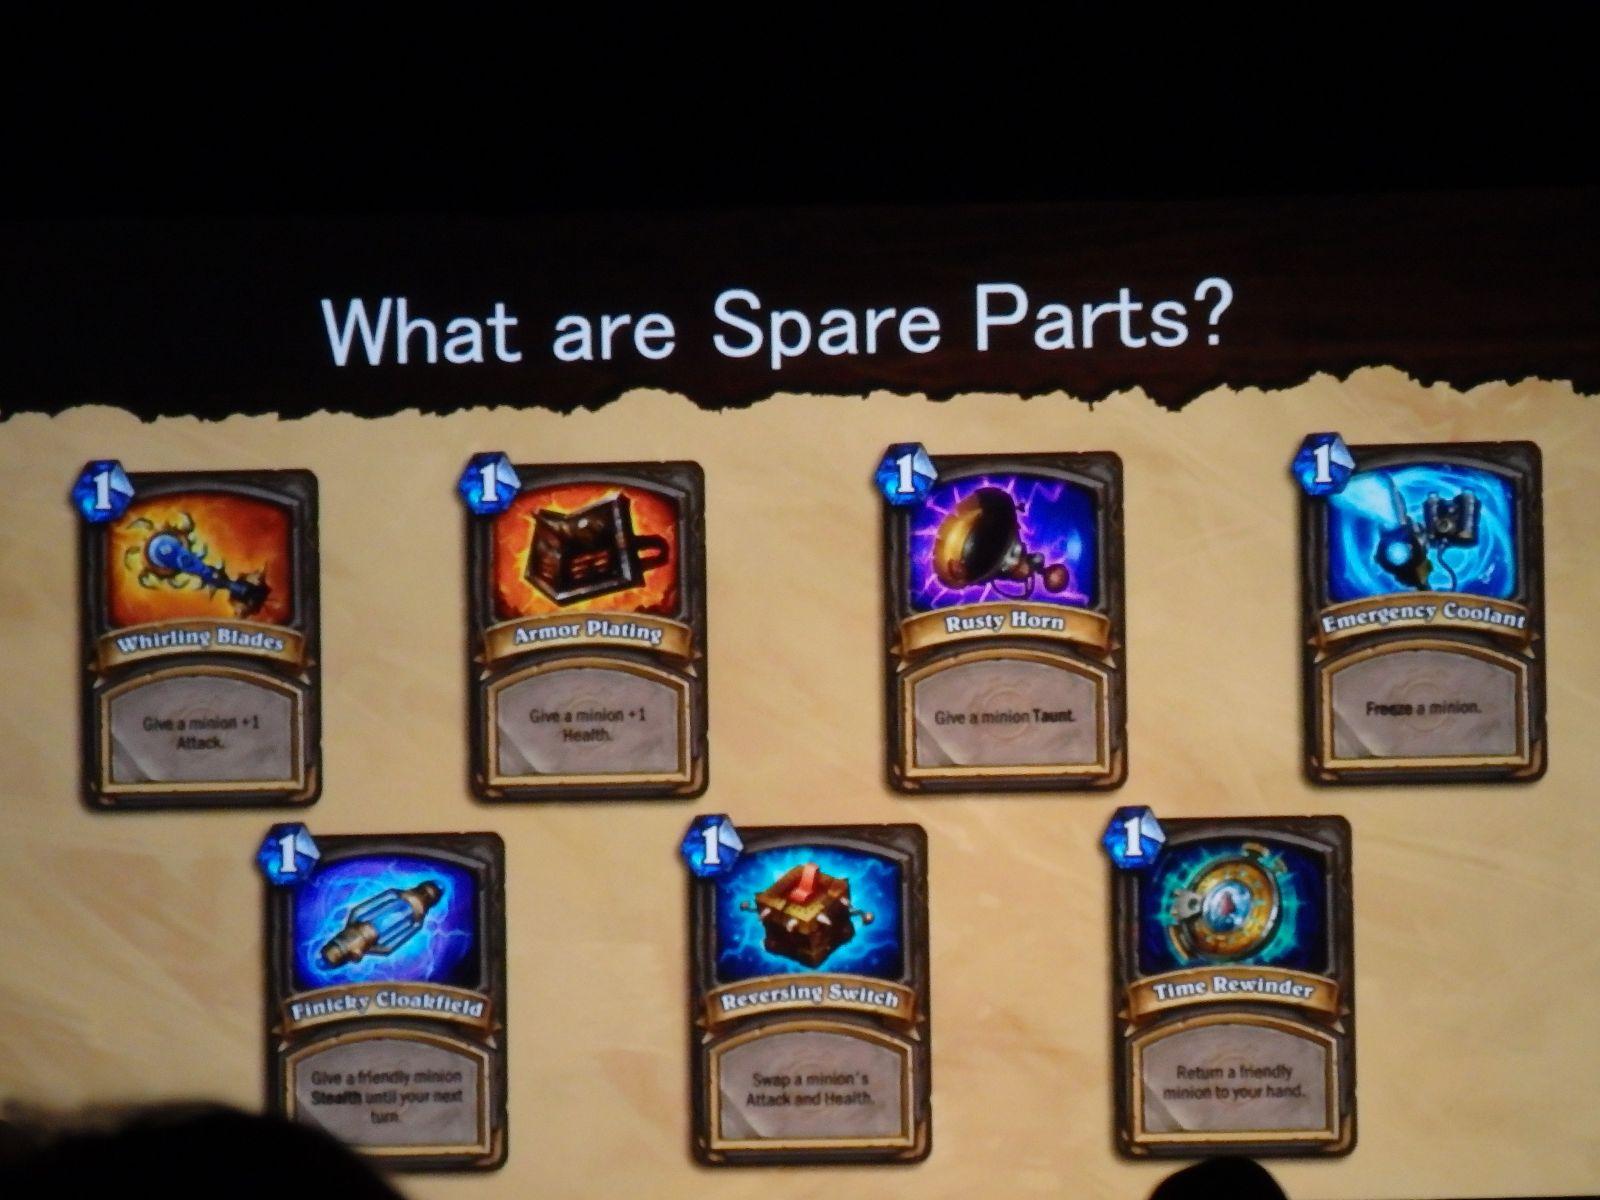 válassz kártyát